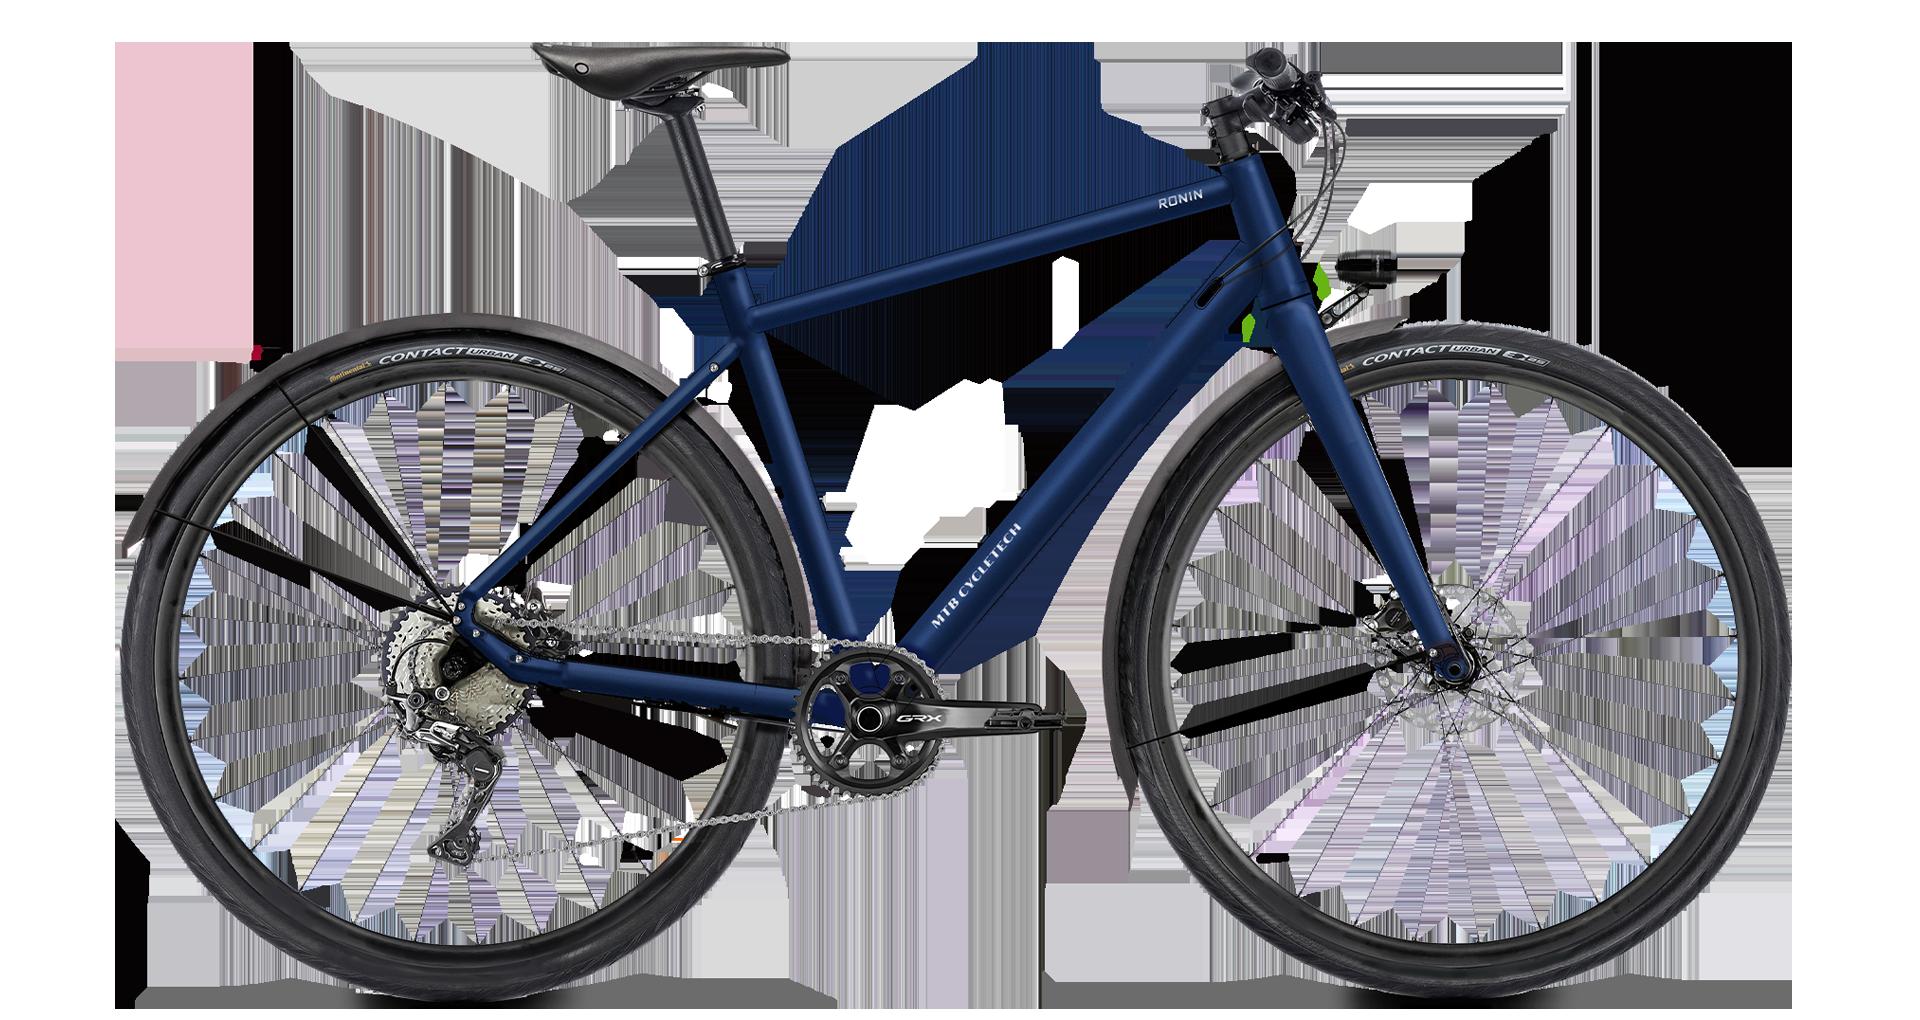 Modell - Ronin man - MTB Cycletech